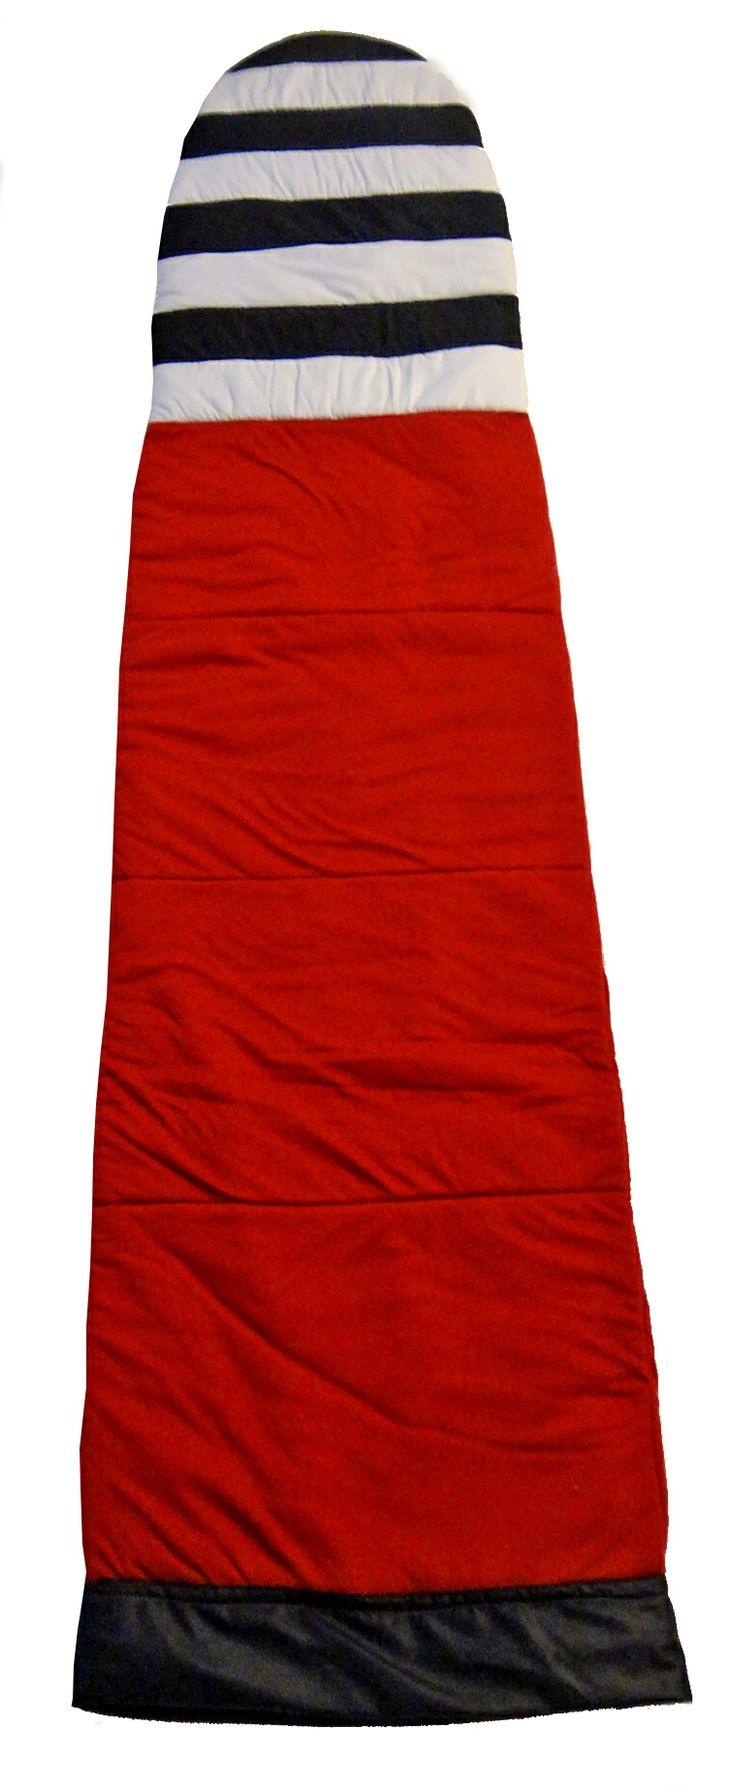 Red Rocket - Surfboard Bag